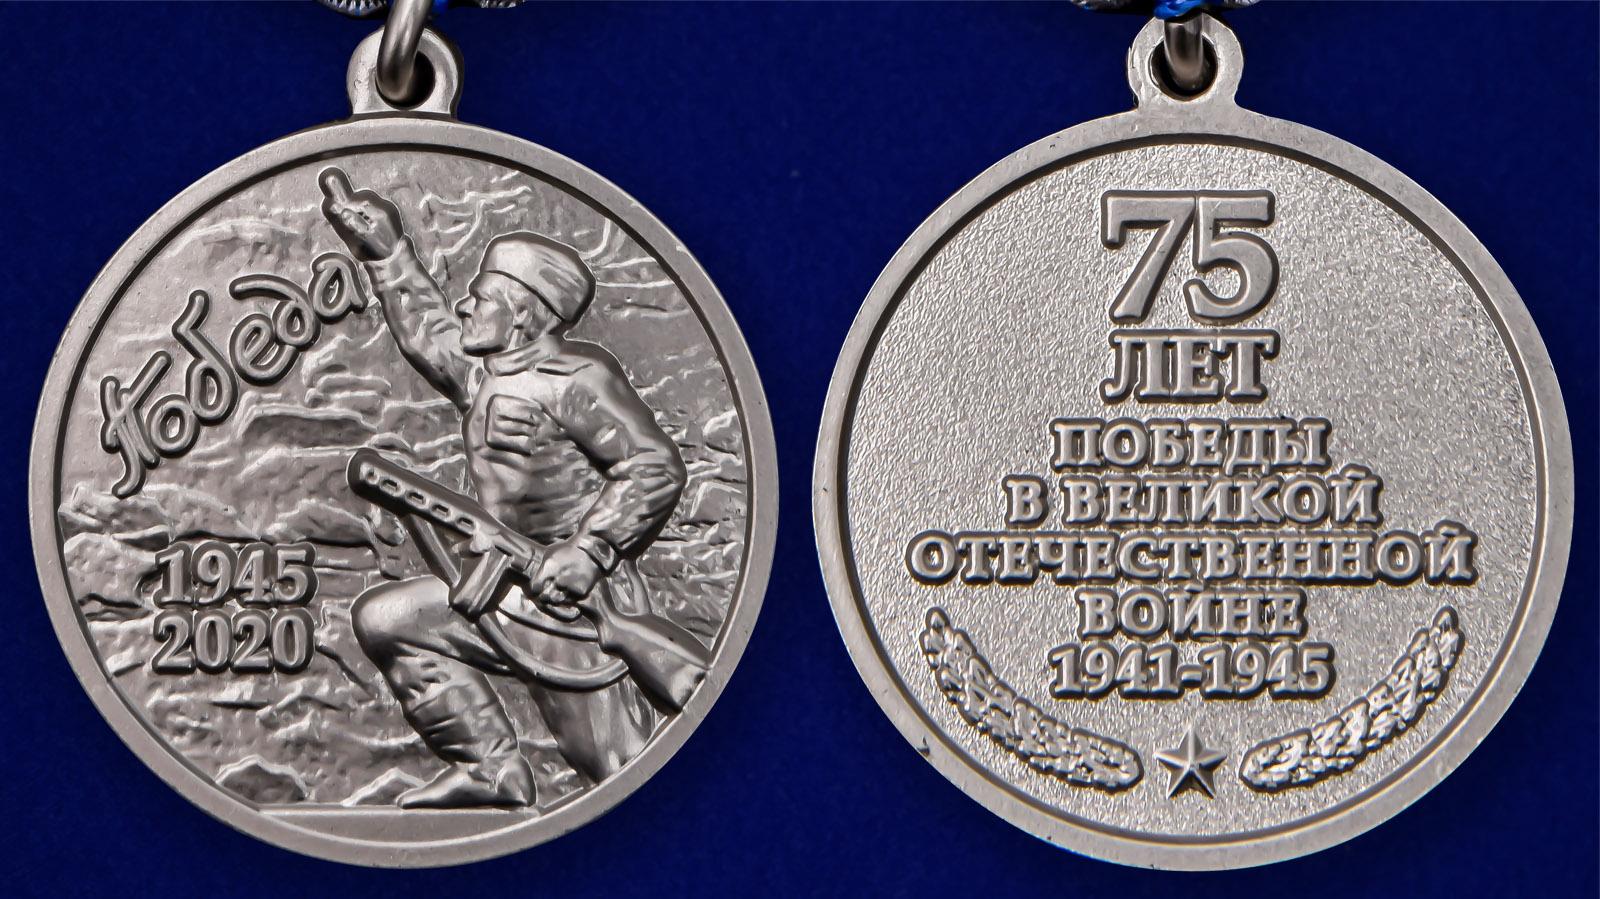 Наградная медаль 75 лет Победы в ВОВ 1941-1945 гг. - аверс и реверс